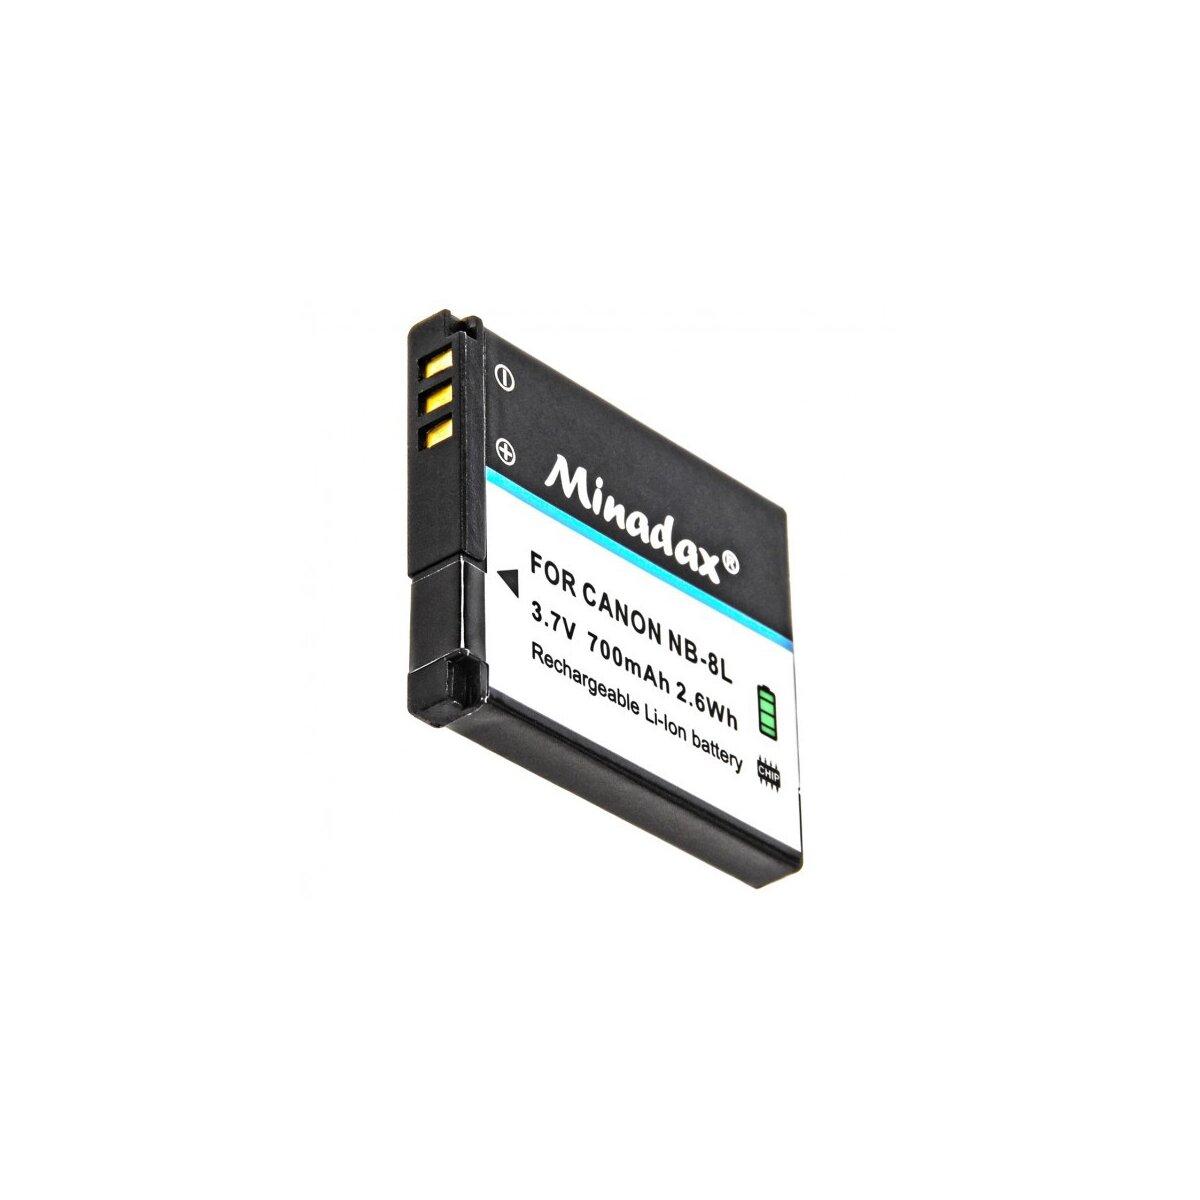 Minadax® Qualitätsakku mit echten 700 mAh kompatibel mit Canon PowerShot A3000 IS und A3100 IS, Ersatz für NB-8L - Intelligentes Akkusystem mit Chip